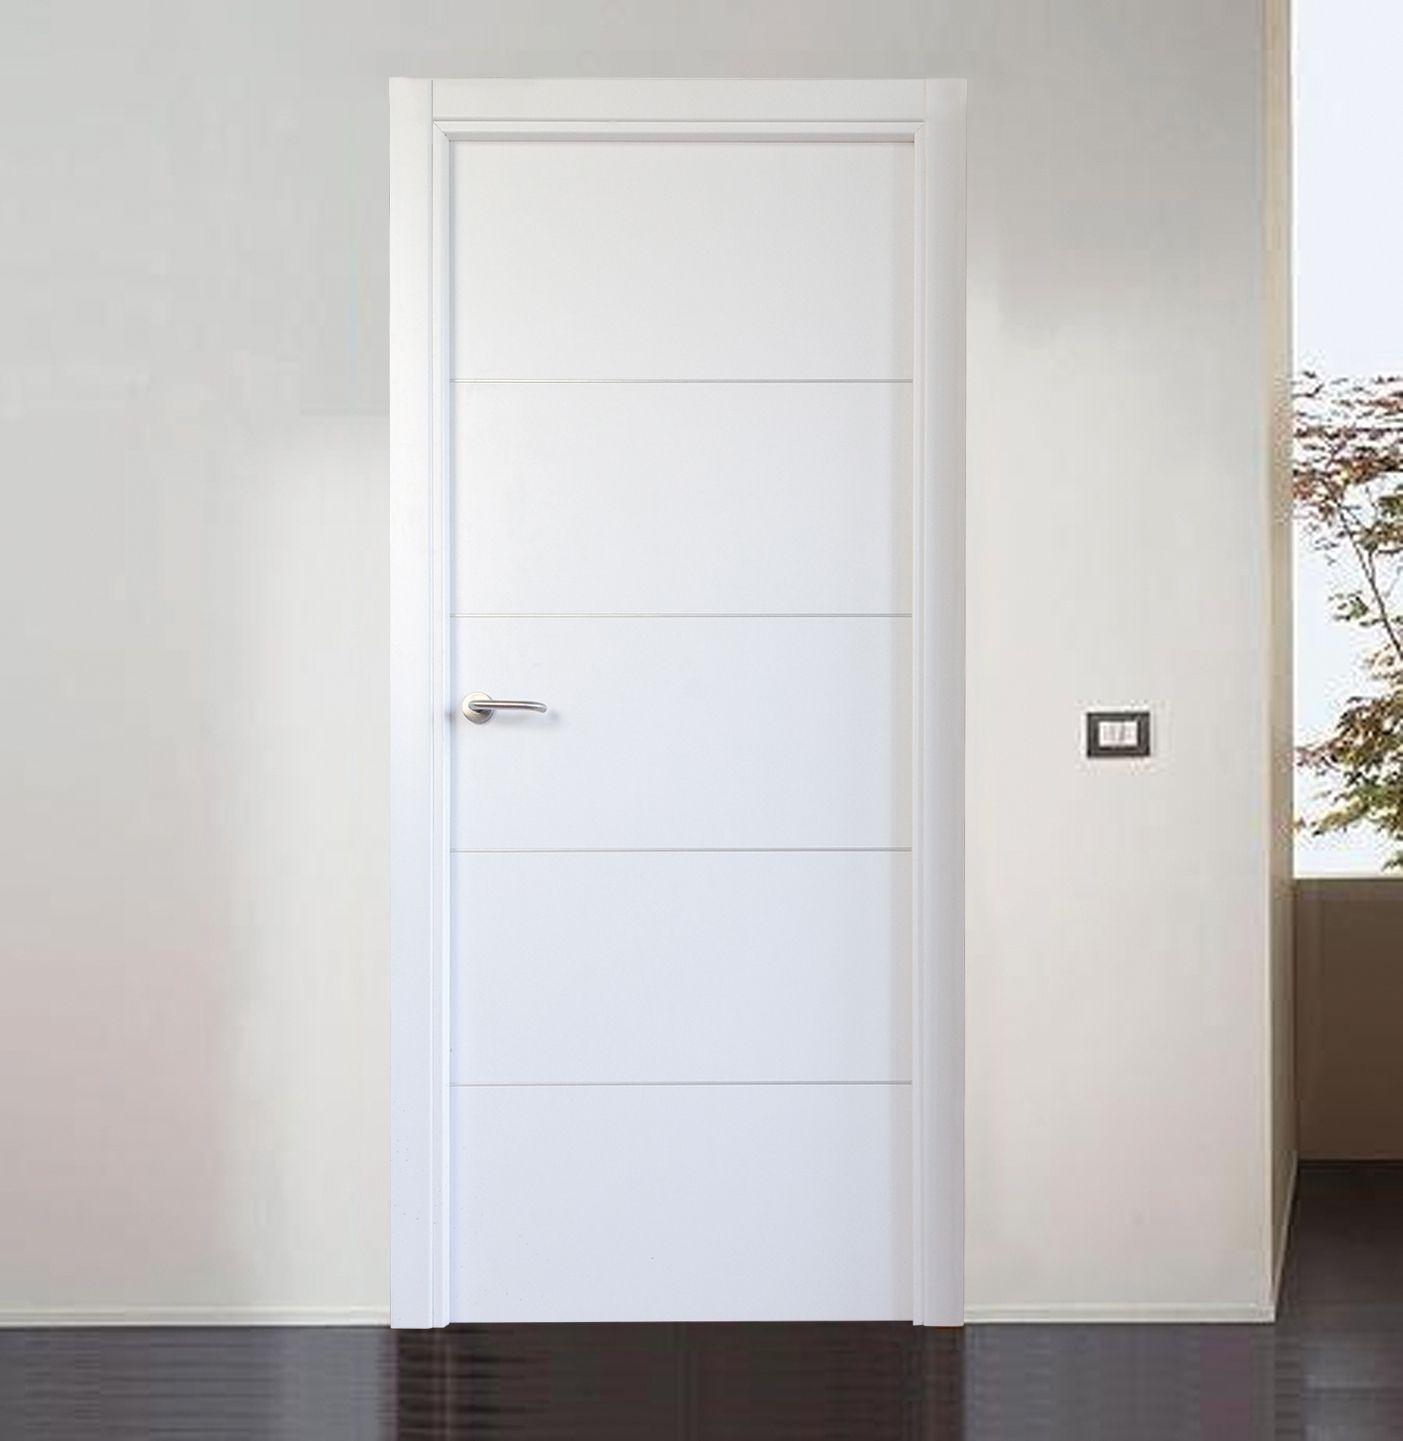 Resultado de imagen de modelos de puerta blancas lacadas - Puertas lacadas blancas ...